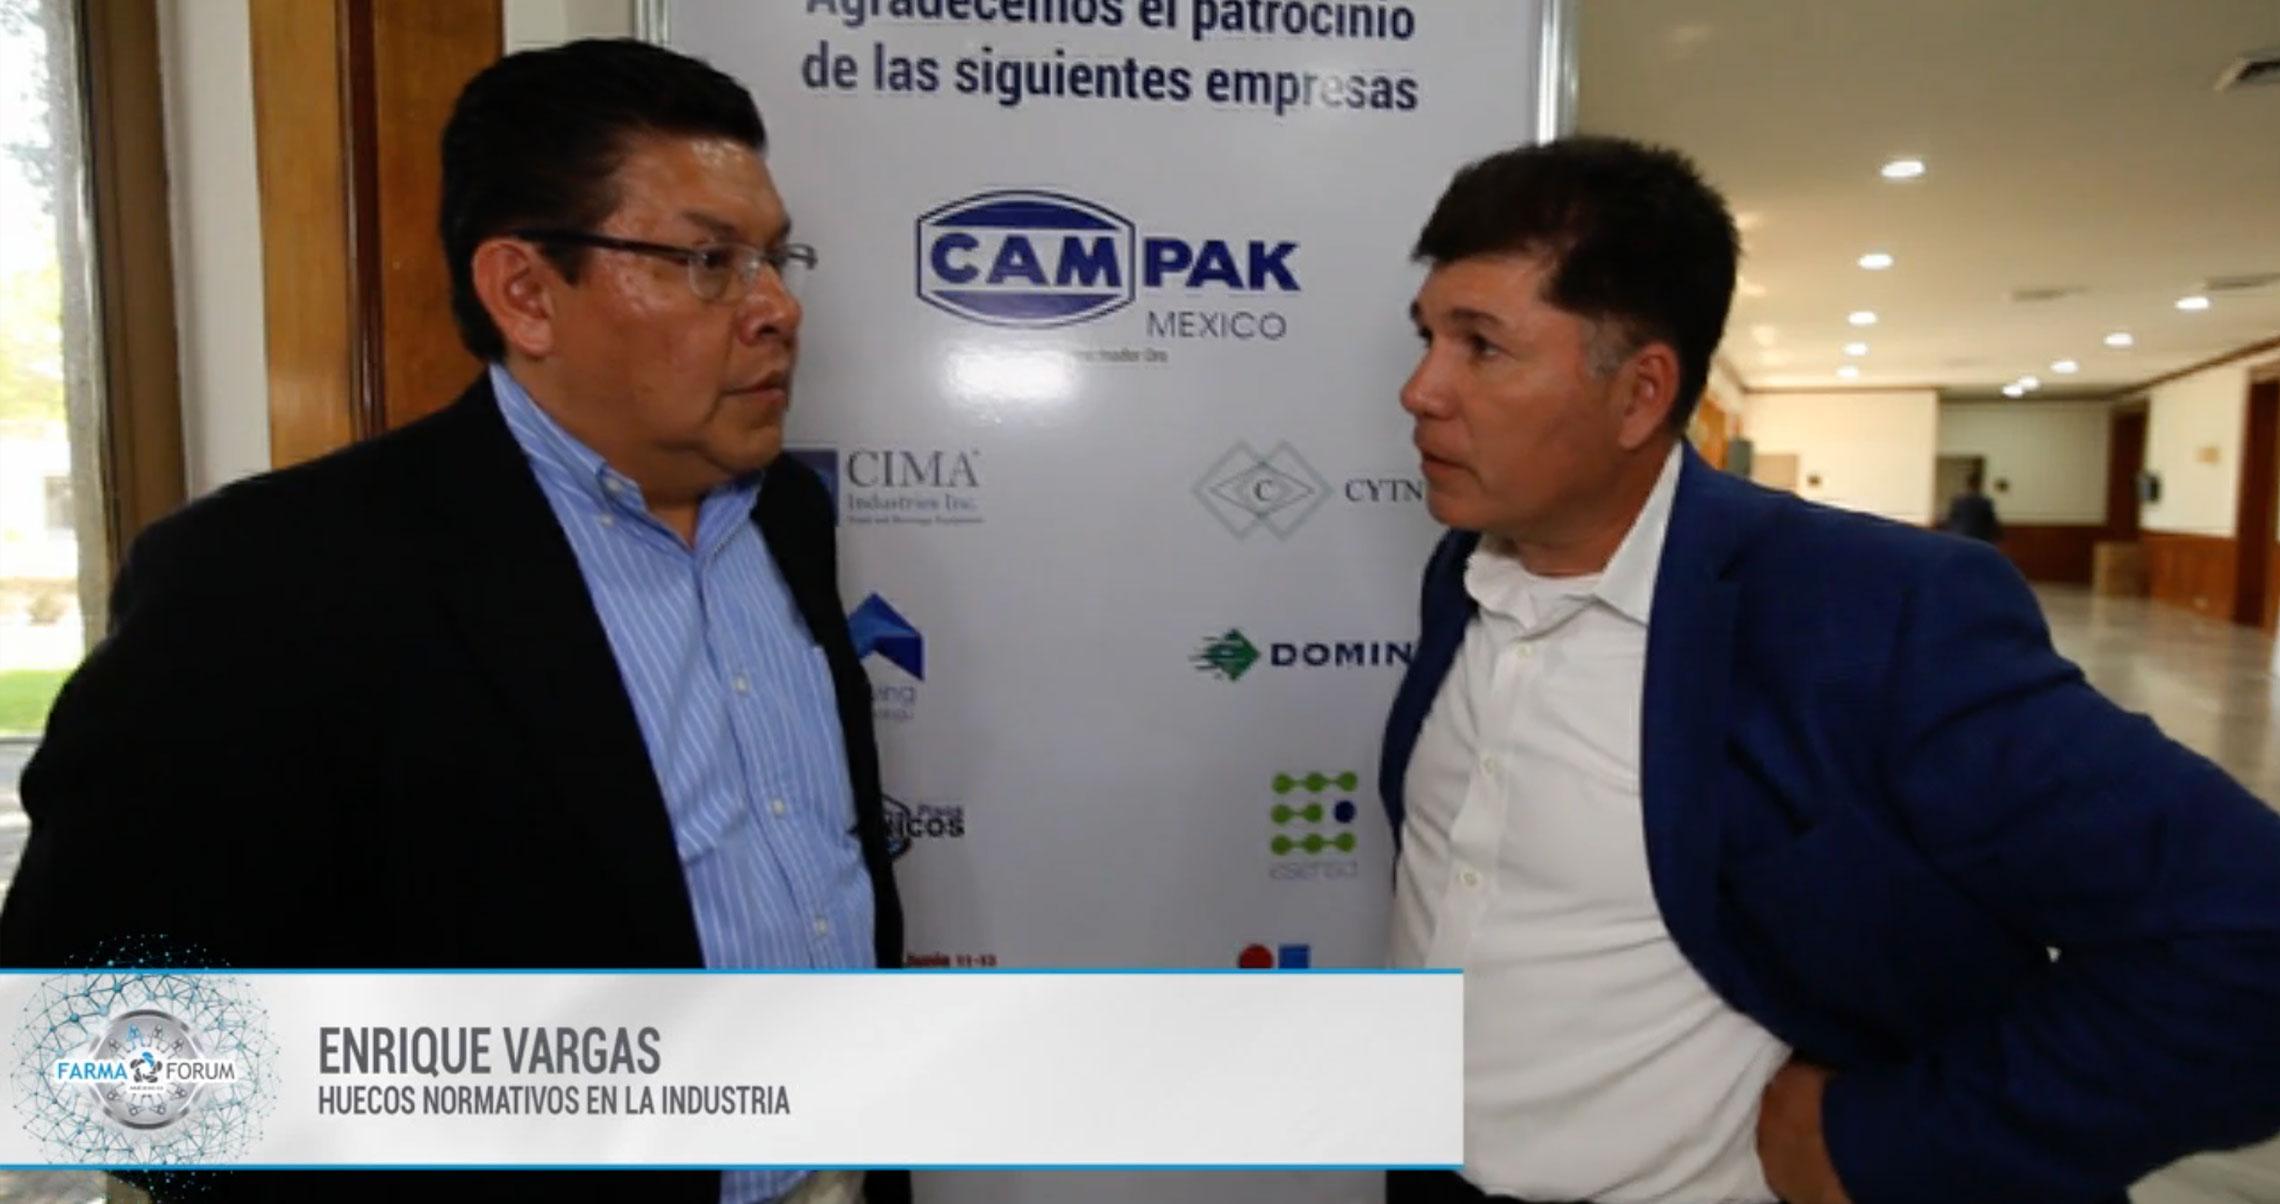 Enrique Vargas en el FarmaForum 2019